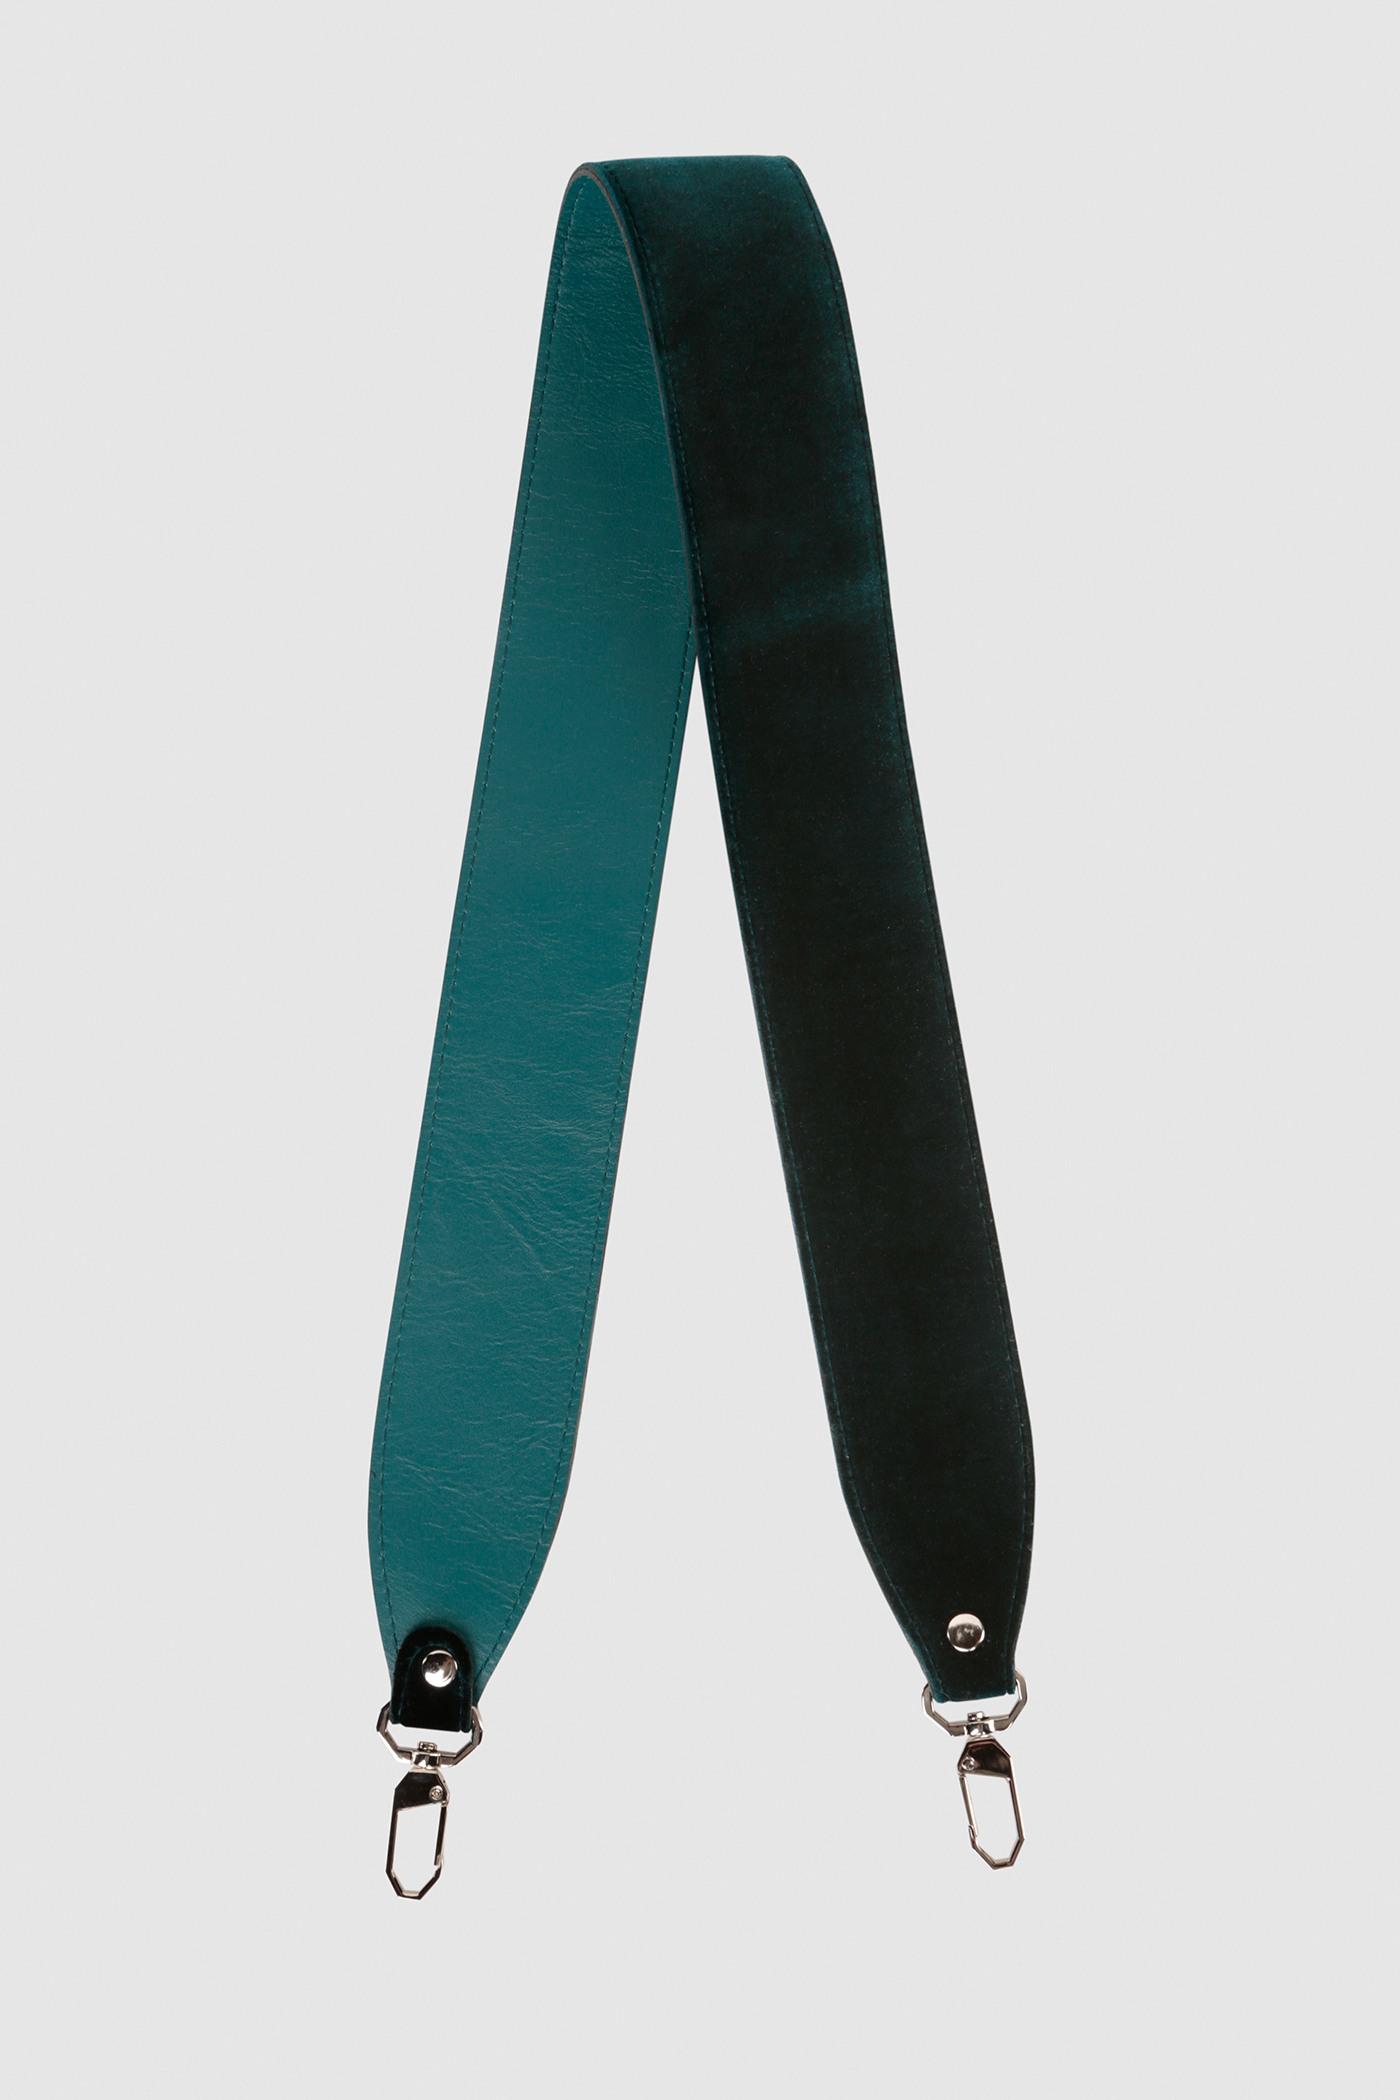 Ремешок на сумкуРемень широкий на двух карабинах из плотной натуральной кожи и бархата. Подходит к ряду моделей сумок.&#13;<br>&#13;<br>Размеры&#13;<br>Длина: 80 см&#13;<br>Ширина: 5 см<br><br>Цвет: Сумеречный циановый